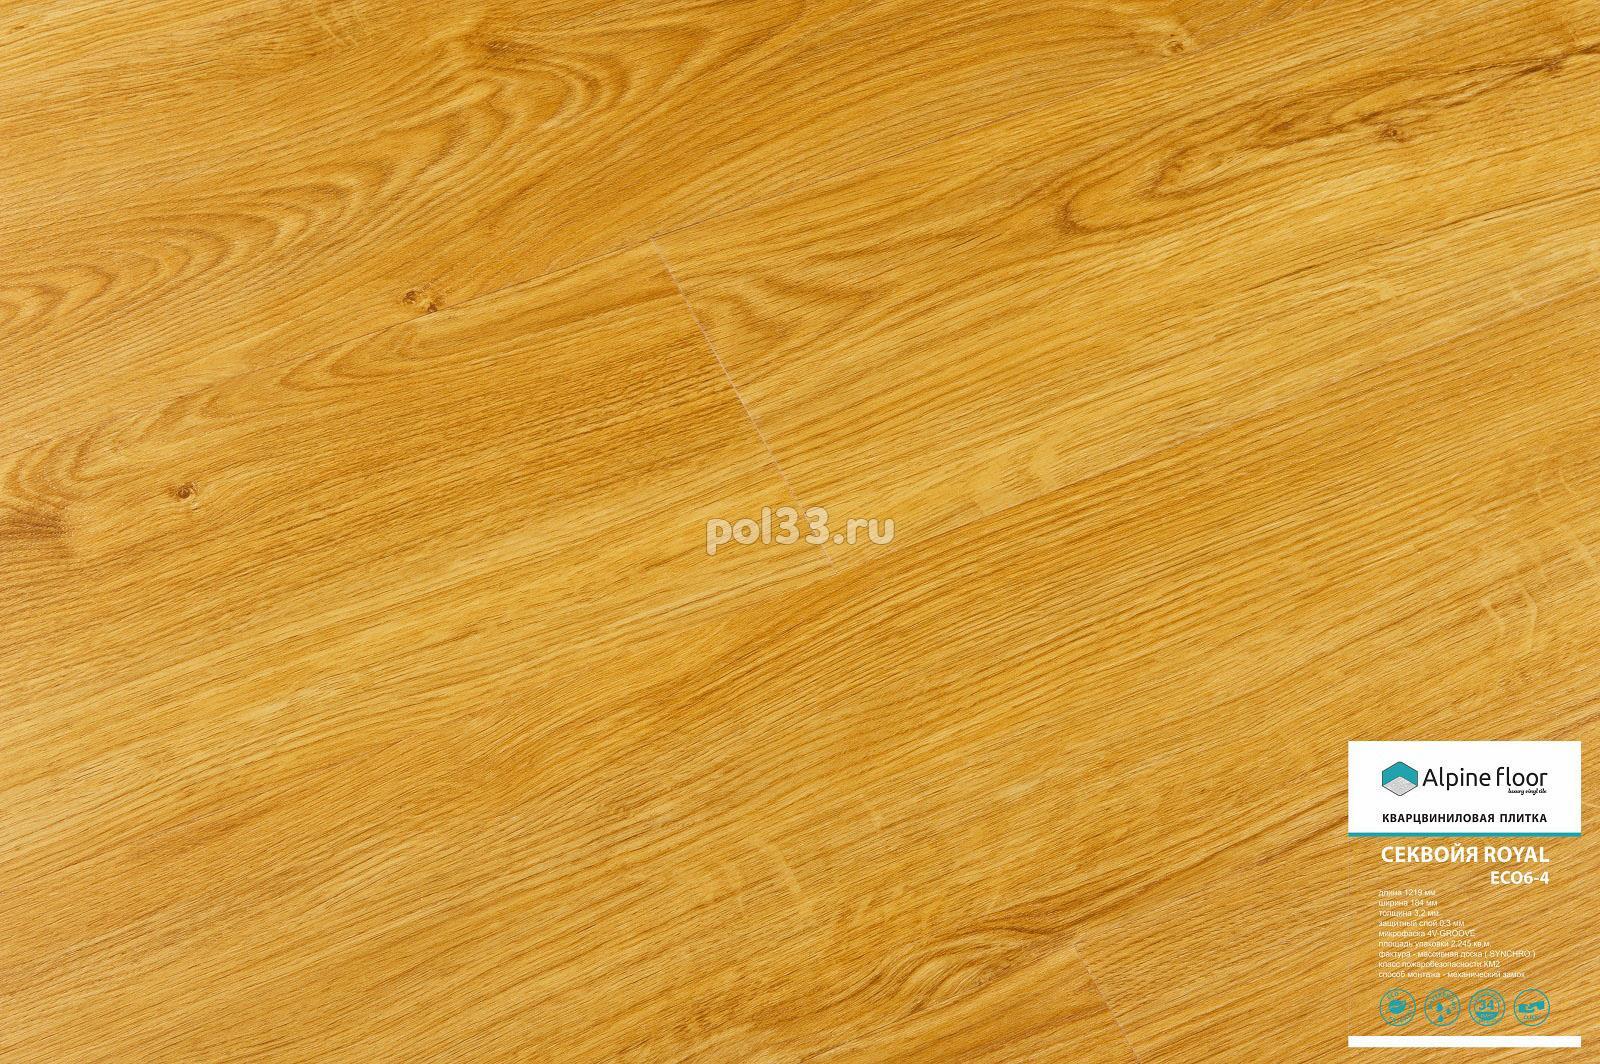 Виниловые полы AlpineFloor коллекция Sequoia ECO6-4 Royal купить в Калуге по низкой цене